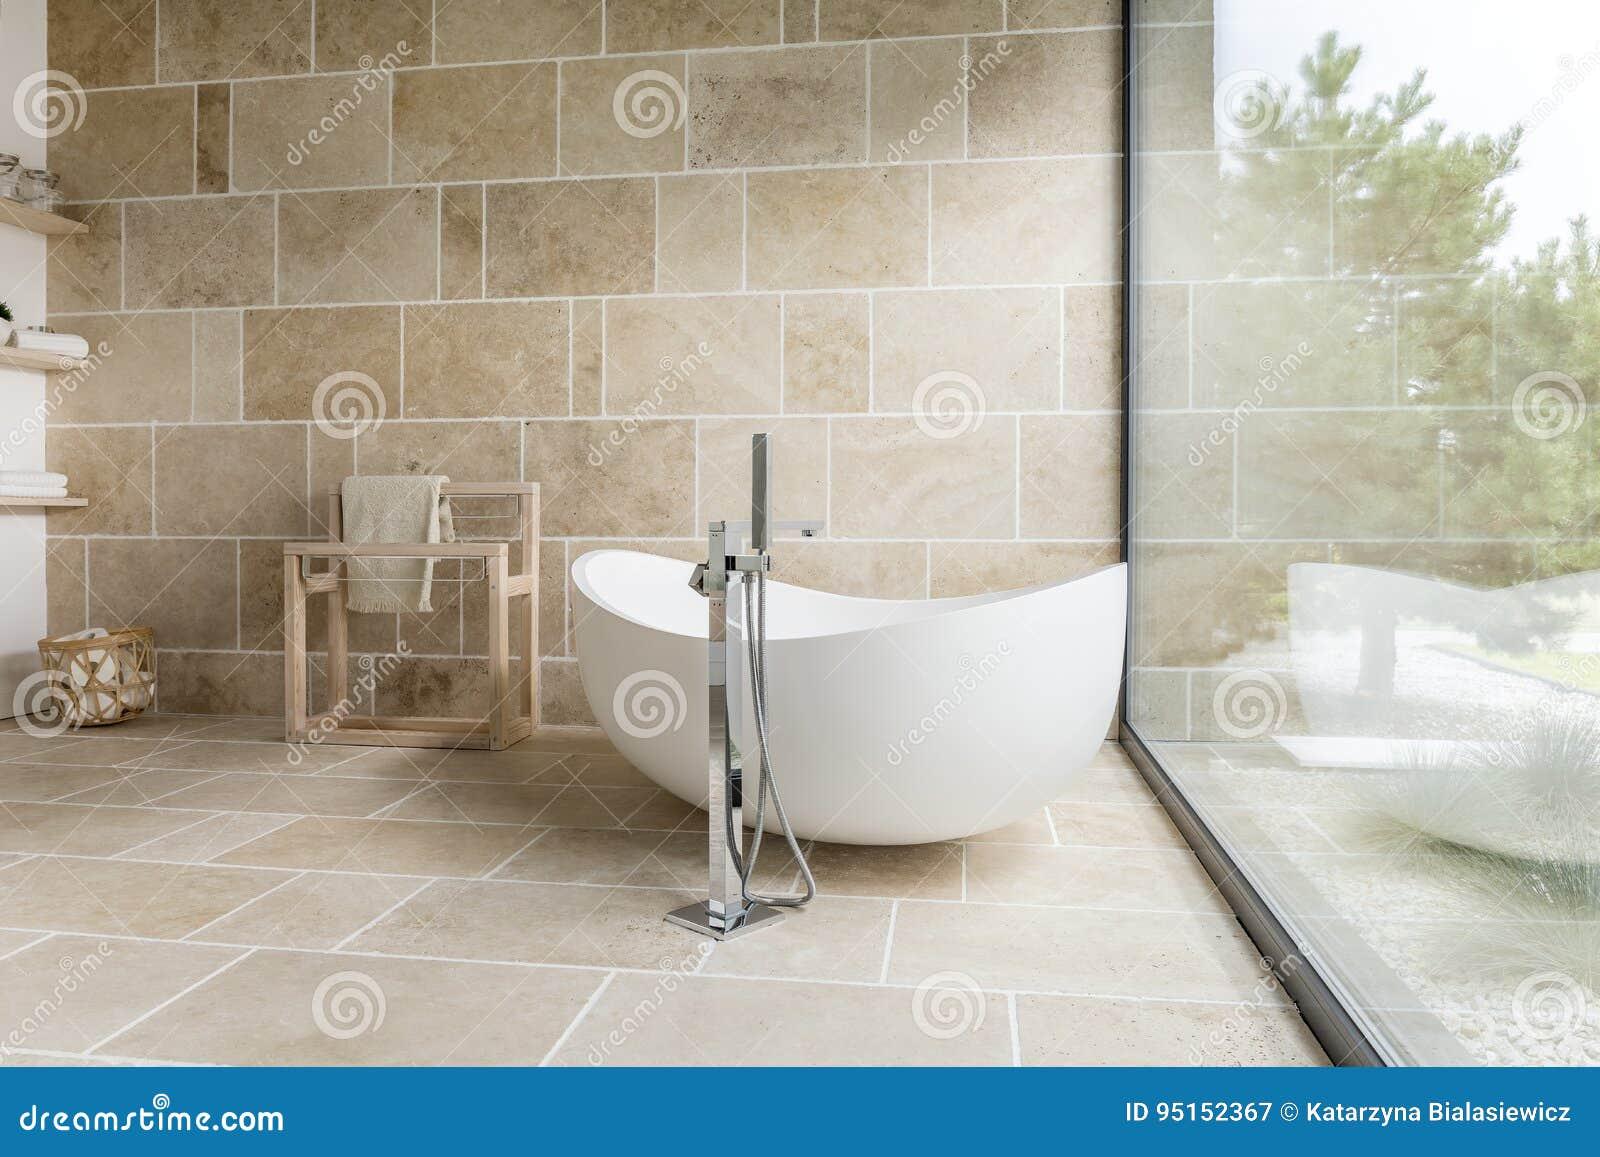 Badezimmer Mit Großem Fenster Stockbild - Bild von glas ...